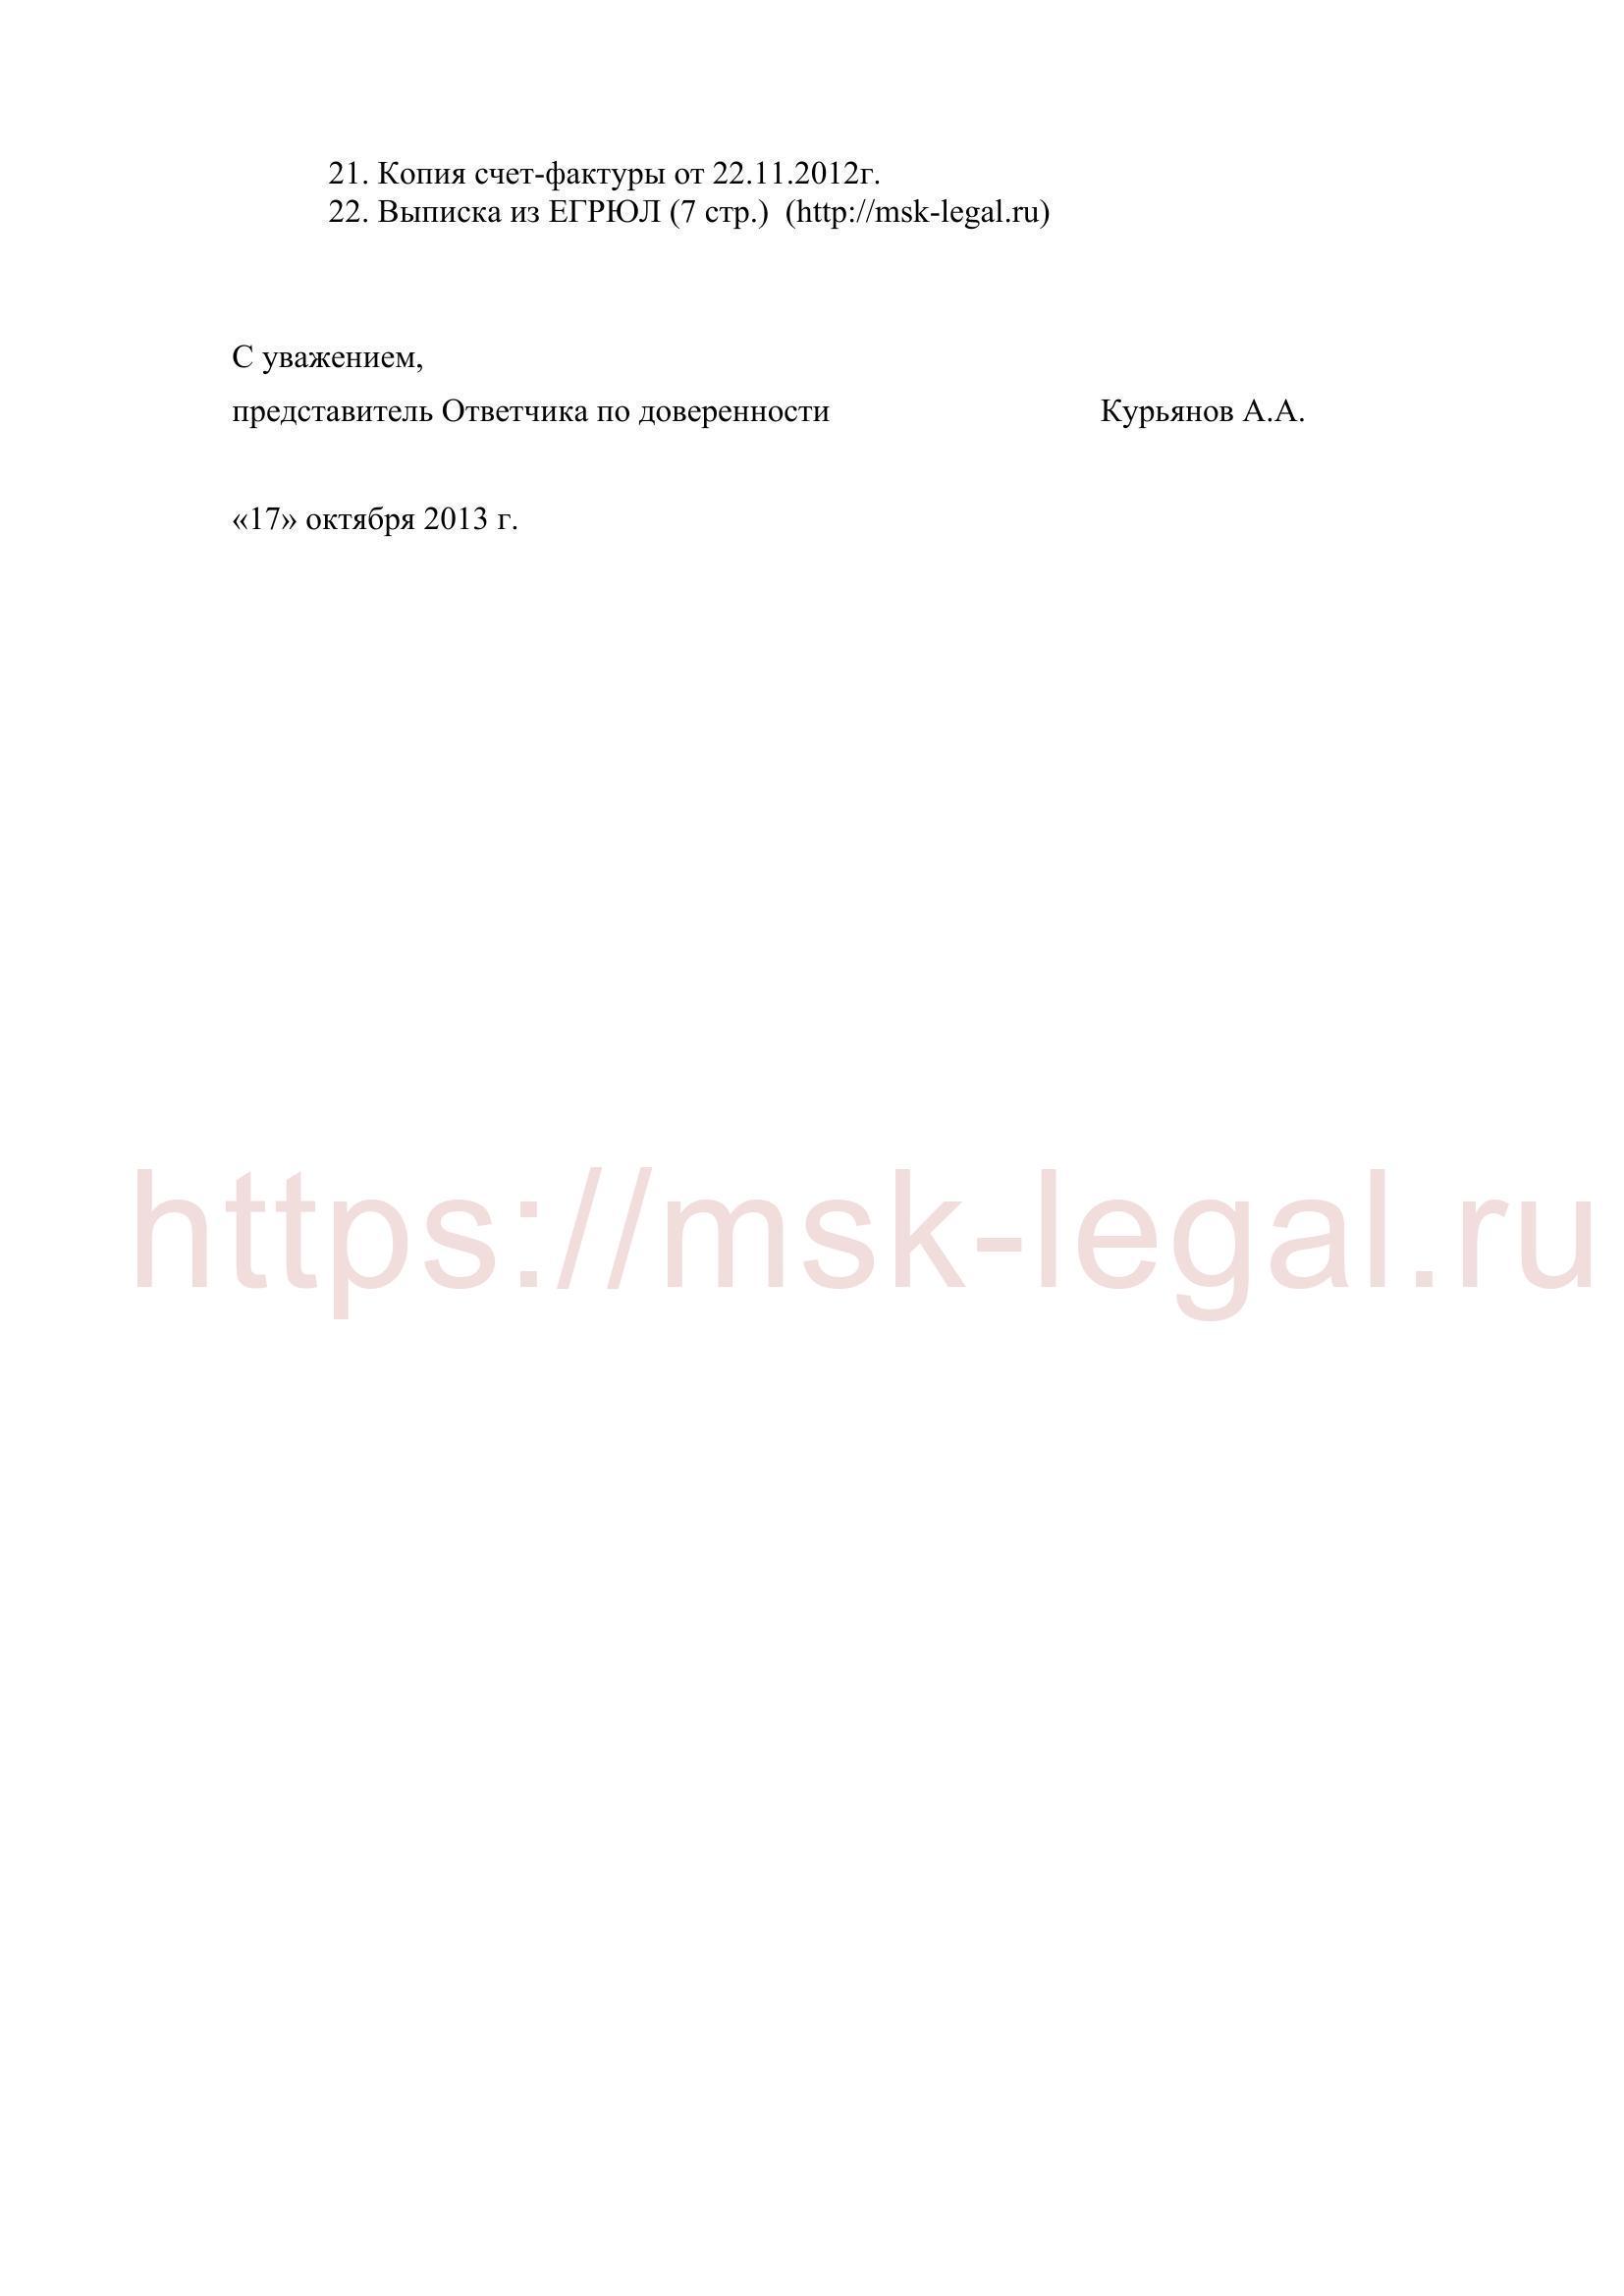 Отзыв на иск по договору строительного подряда